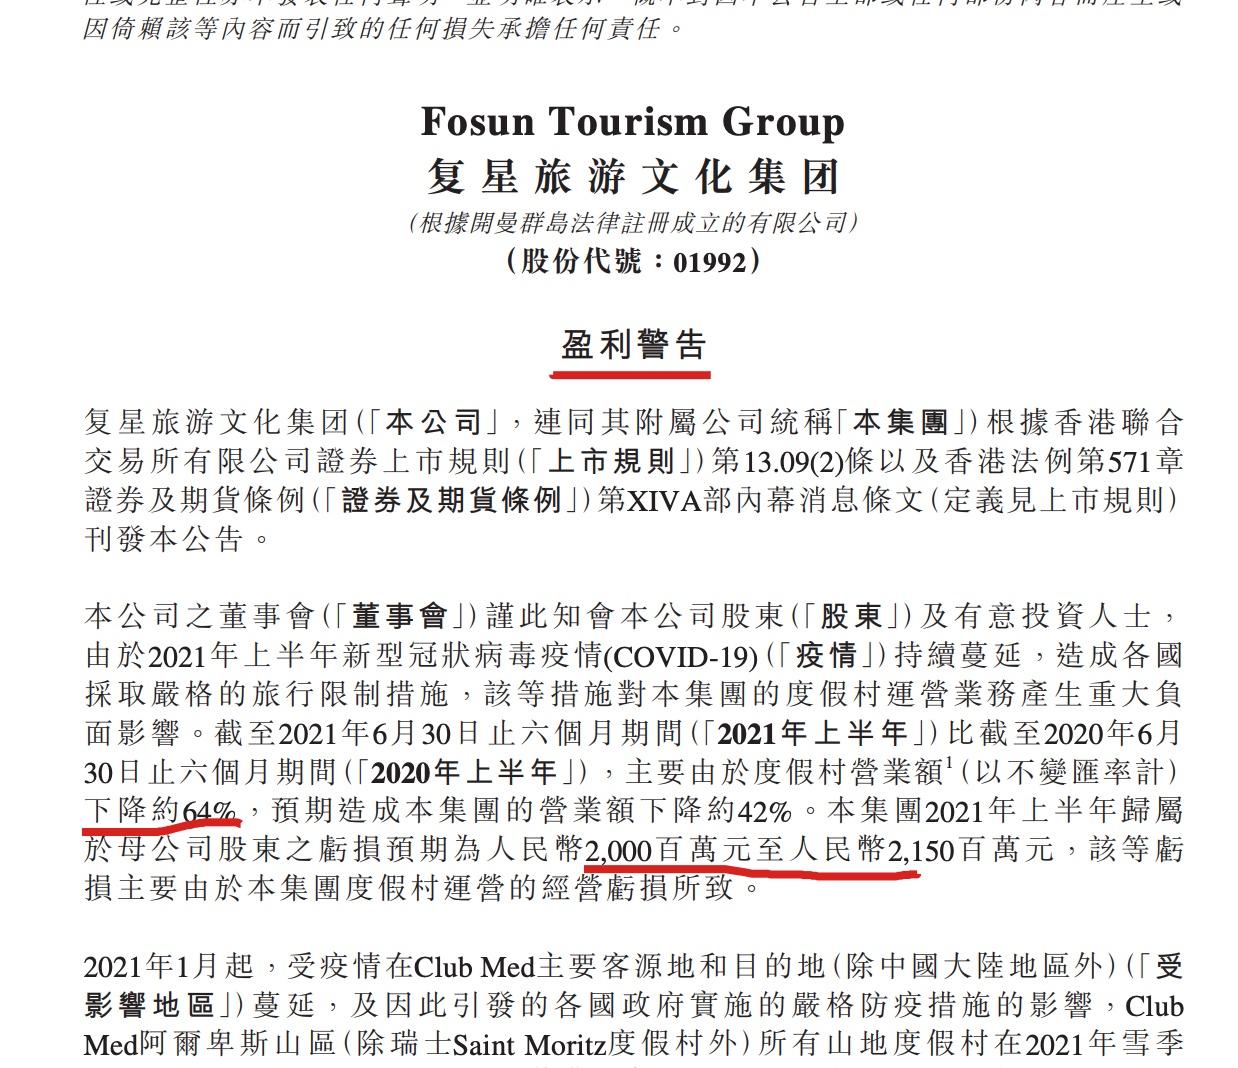 复星旅游文化:料上半年归母净利润最多亏损21.5亿元